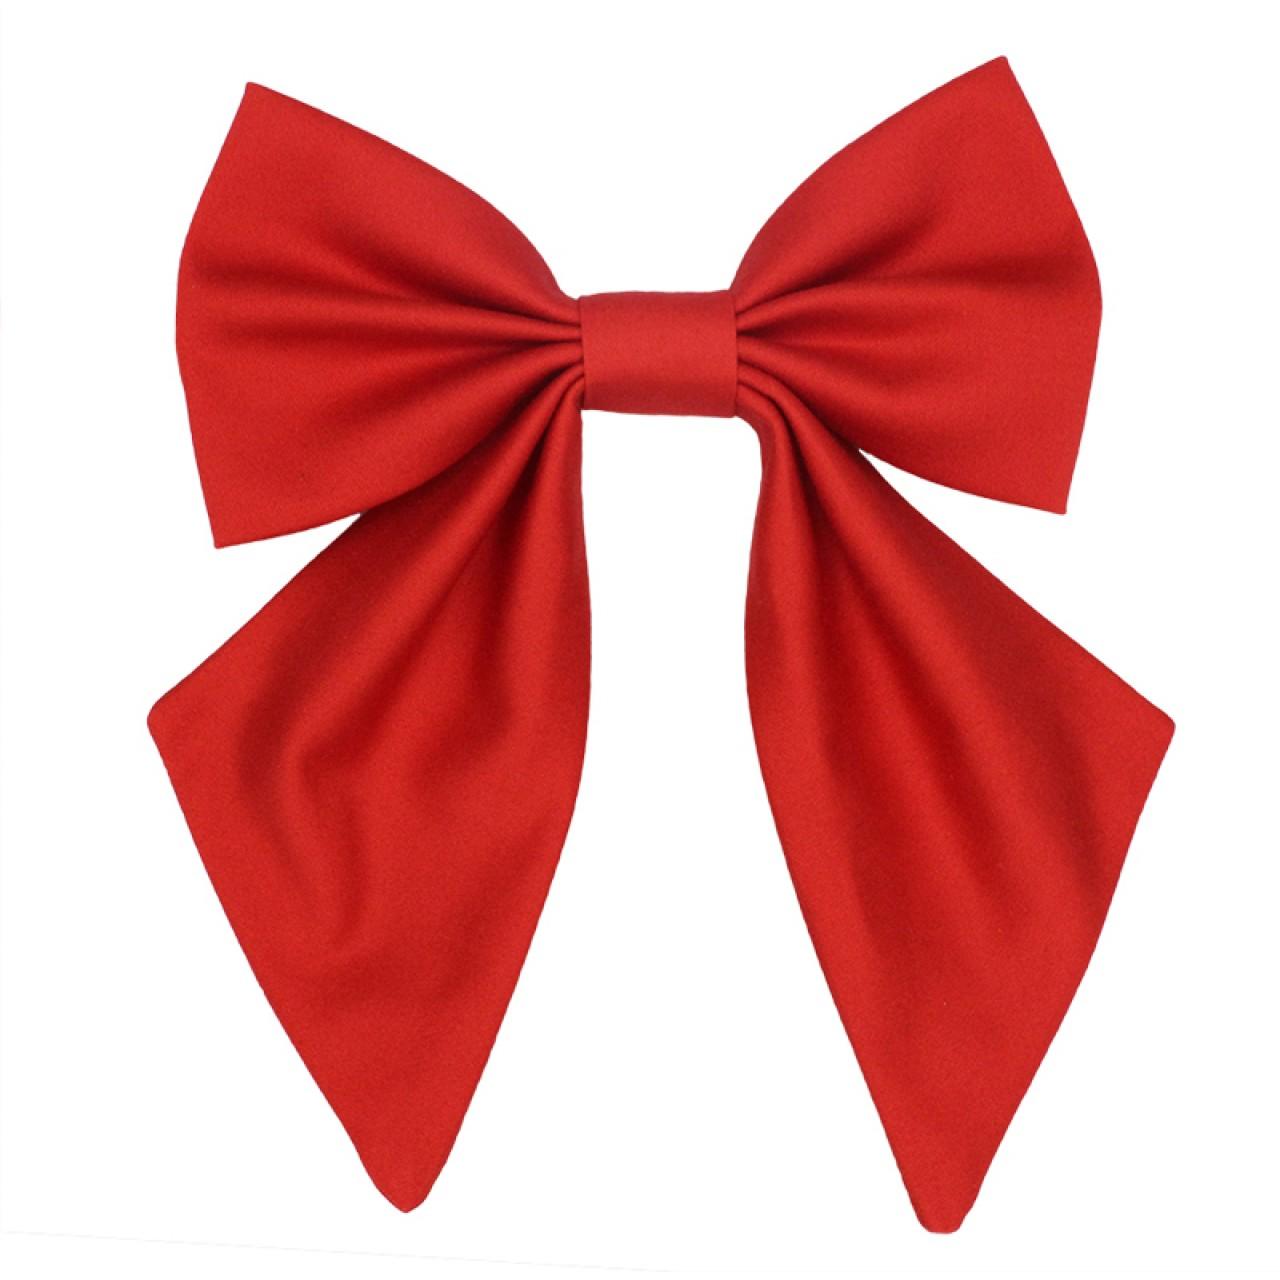 Κόκκινο Γυναικείο Παπιγιόν  - Φιόγκος - 4091